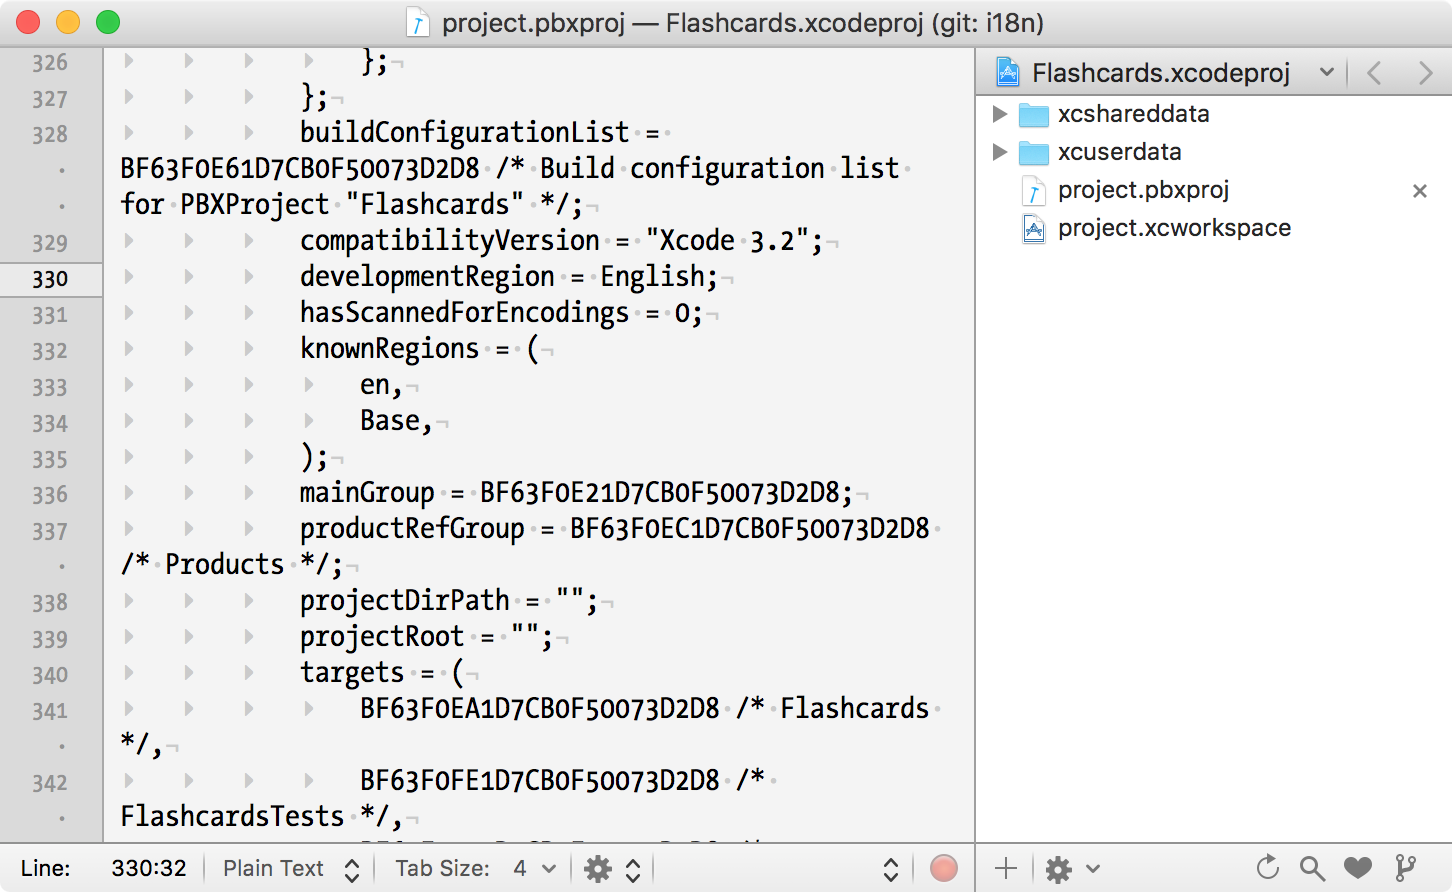 Development Region in Xcode pbxproj